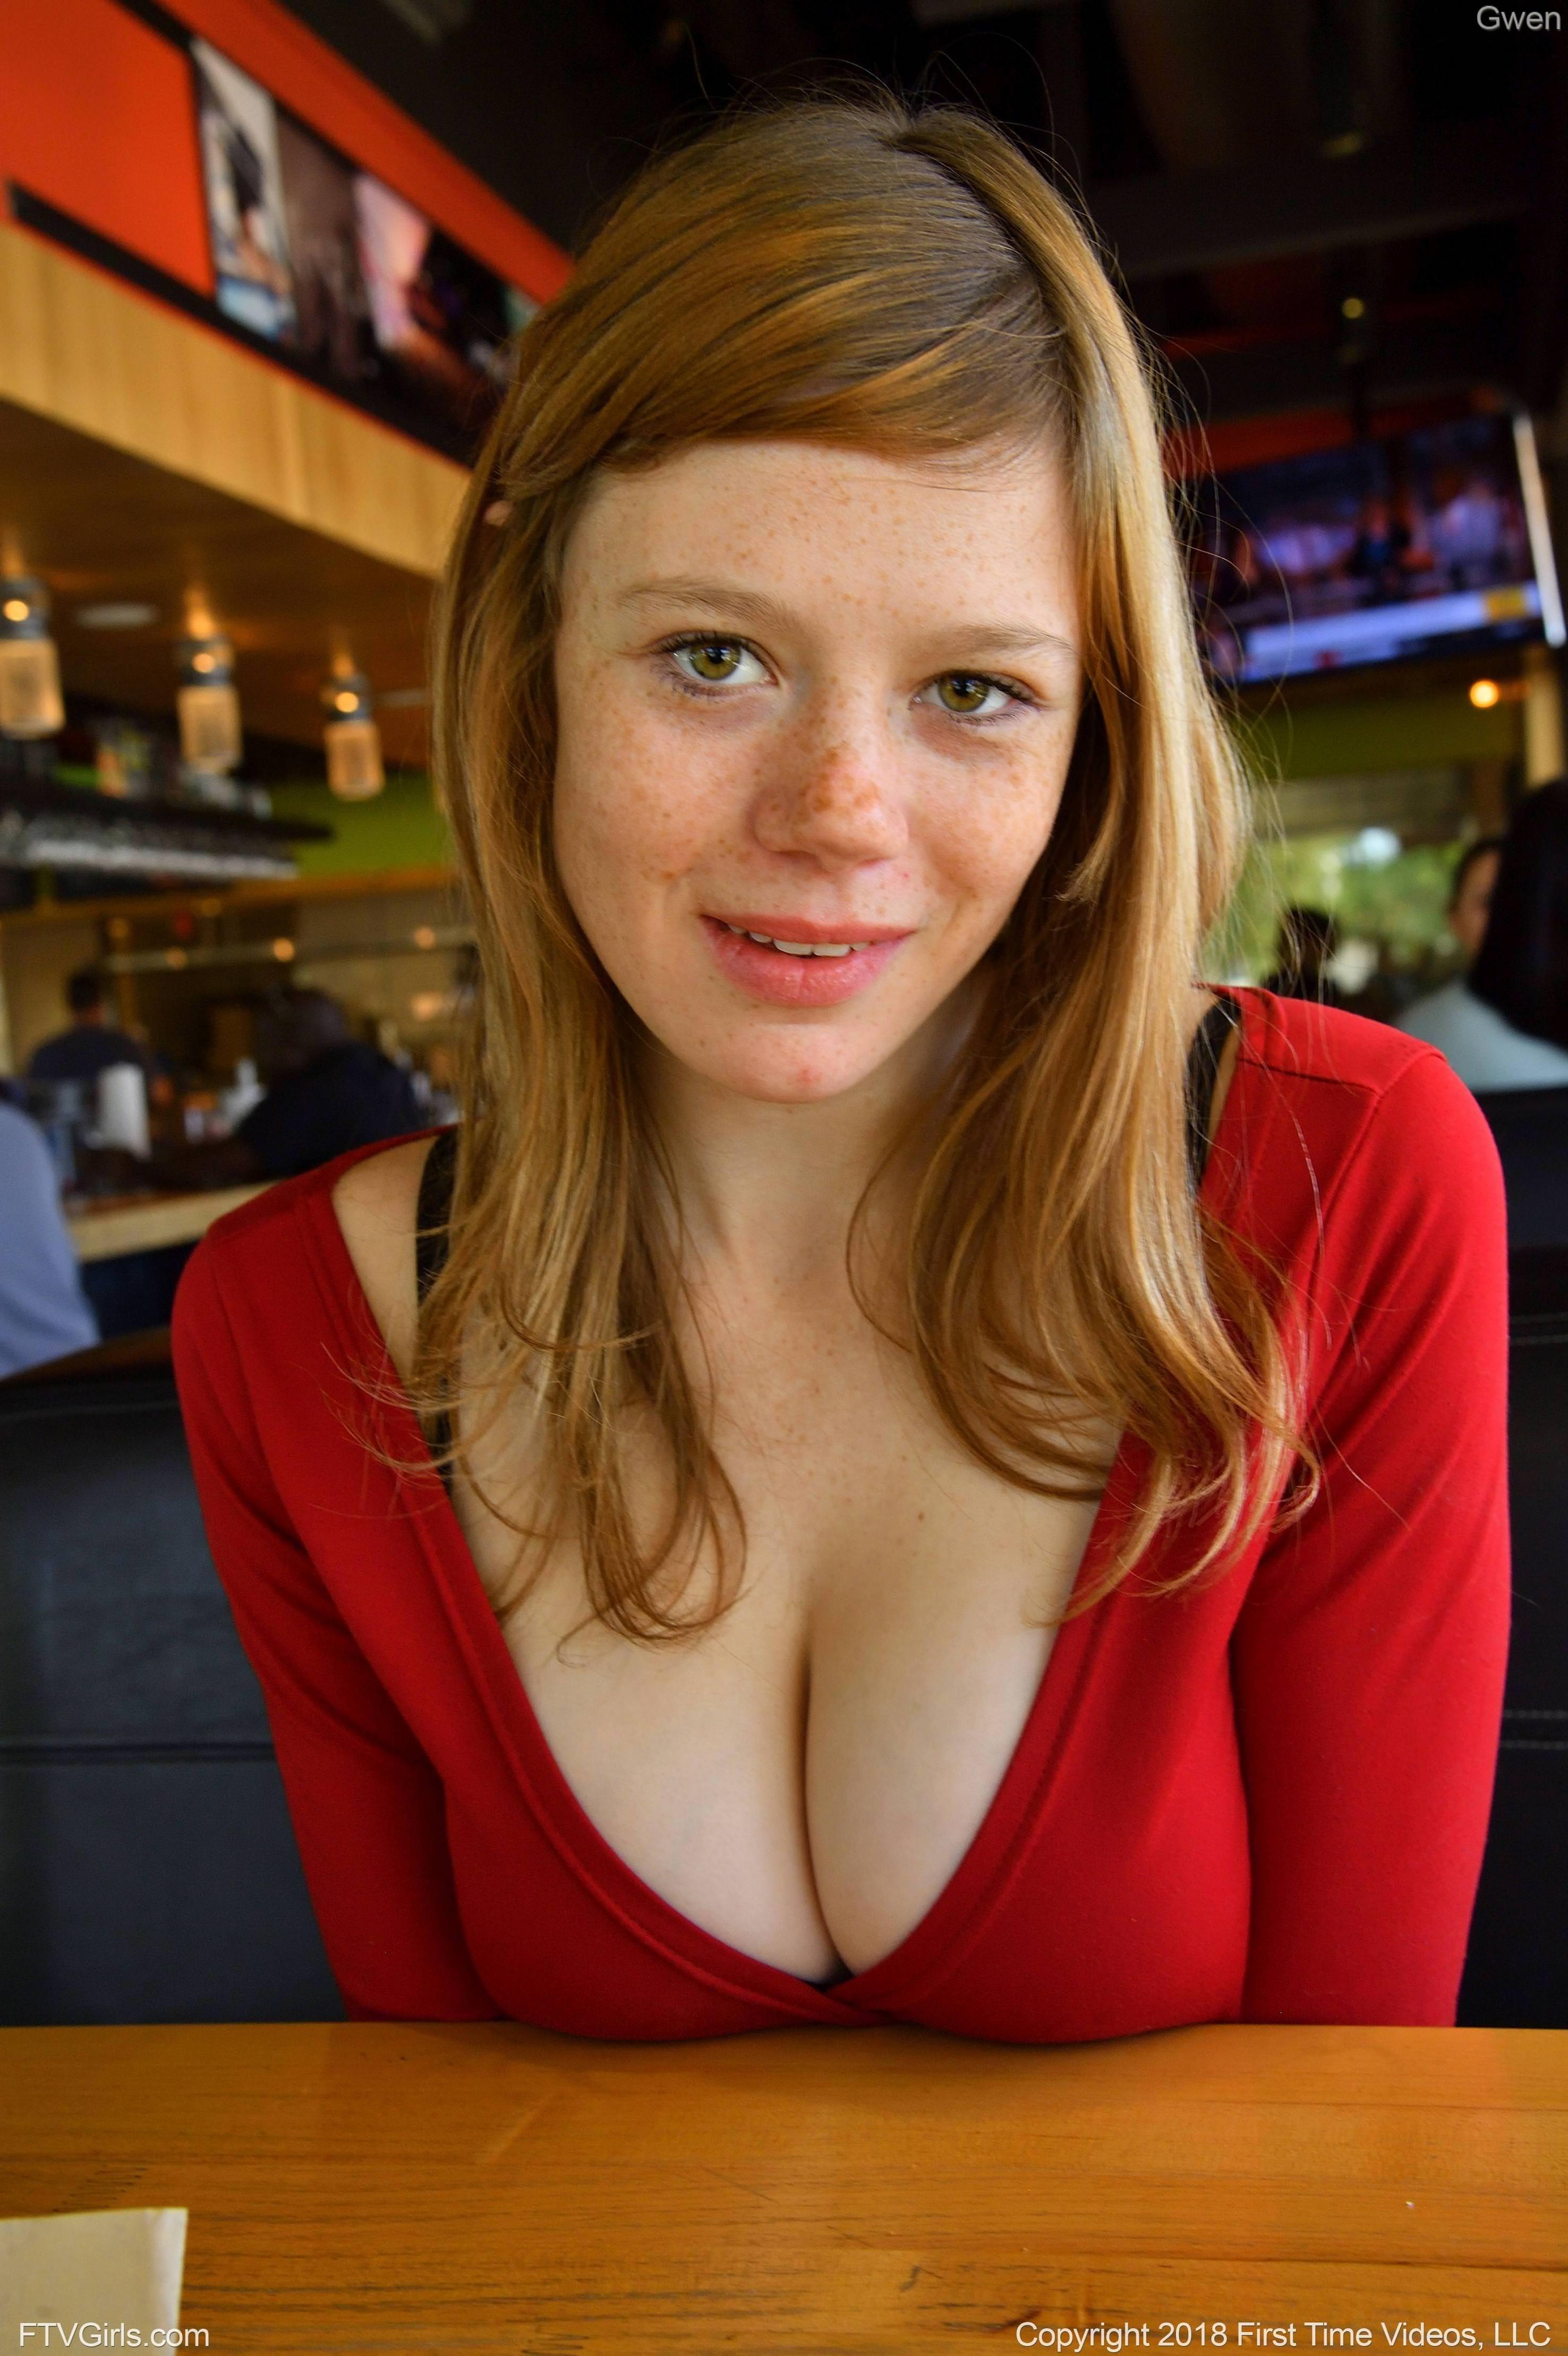 Gwen Derringer